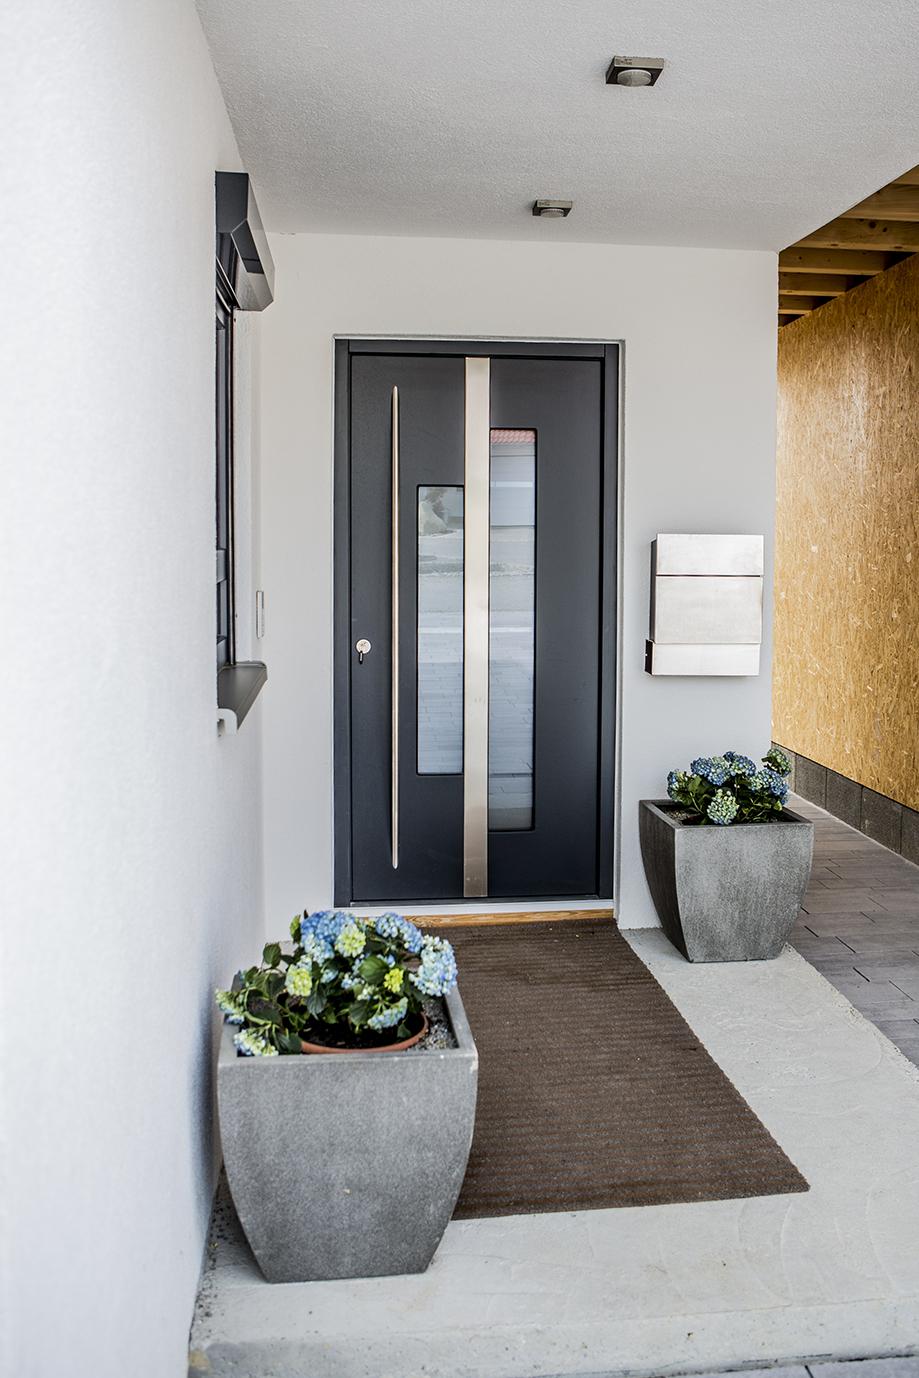 dunkle haust re mit versetzten glasscheiben fischerhaus fertigh user aus bayern. Black Bedroom Furniture Sets. Home Design Ideas